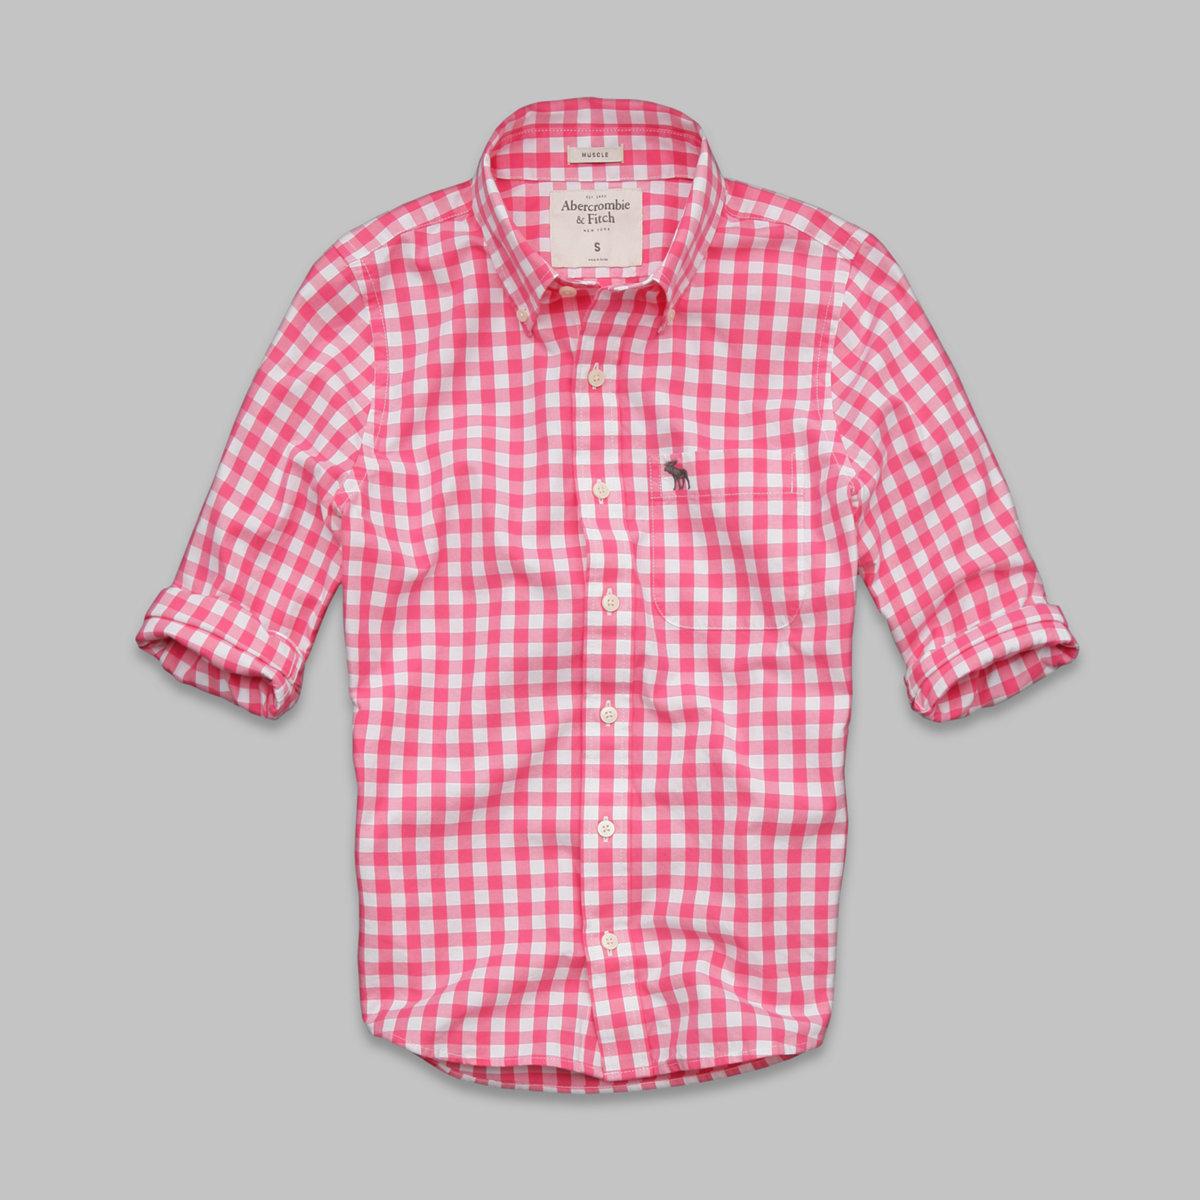 Beckhorn Trail Shirt